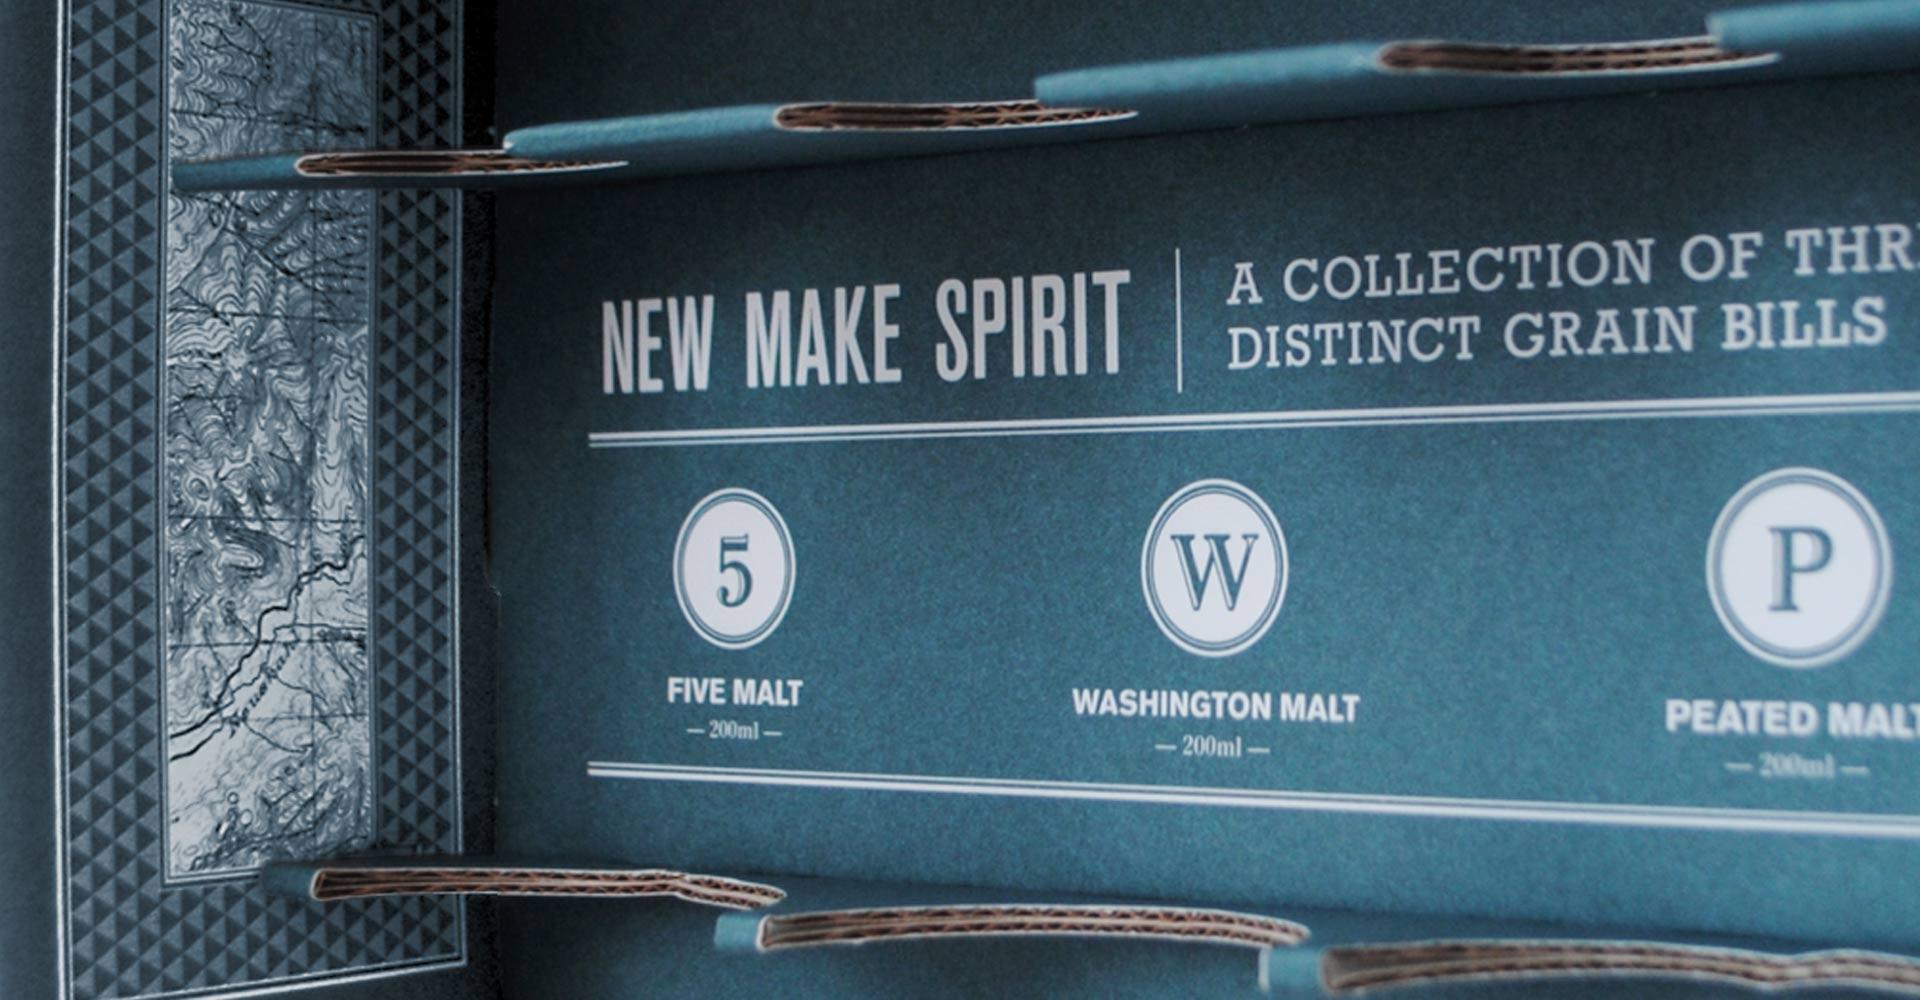 Creative_Retail_Packaging_Custom_Beverage_Westland_Distillery_04-1.jpg